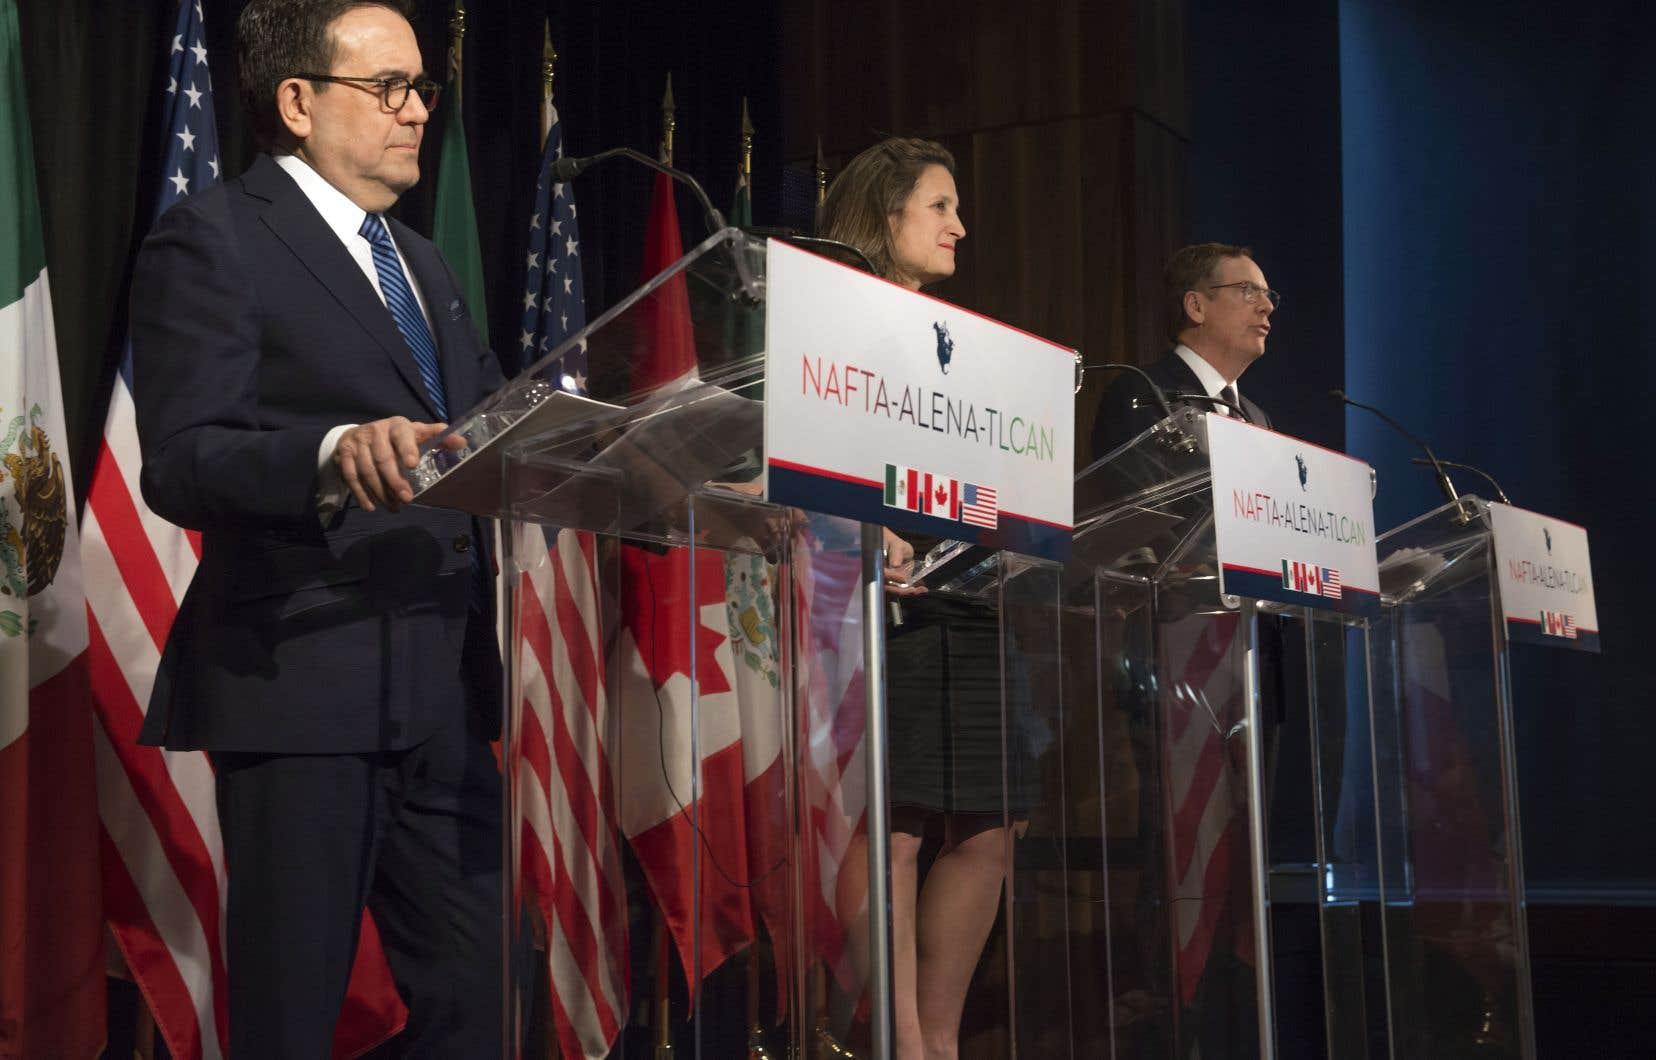 Le ministre mexicain de l'Économie, Ildefonso Guajardo (à gauche), la ministre canadienne des Affaires étrangères, Chrystia Freeland, et le représentant américain du Commerce, Robert Lighthizer, à Montréal, en janvier dernier.